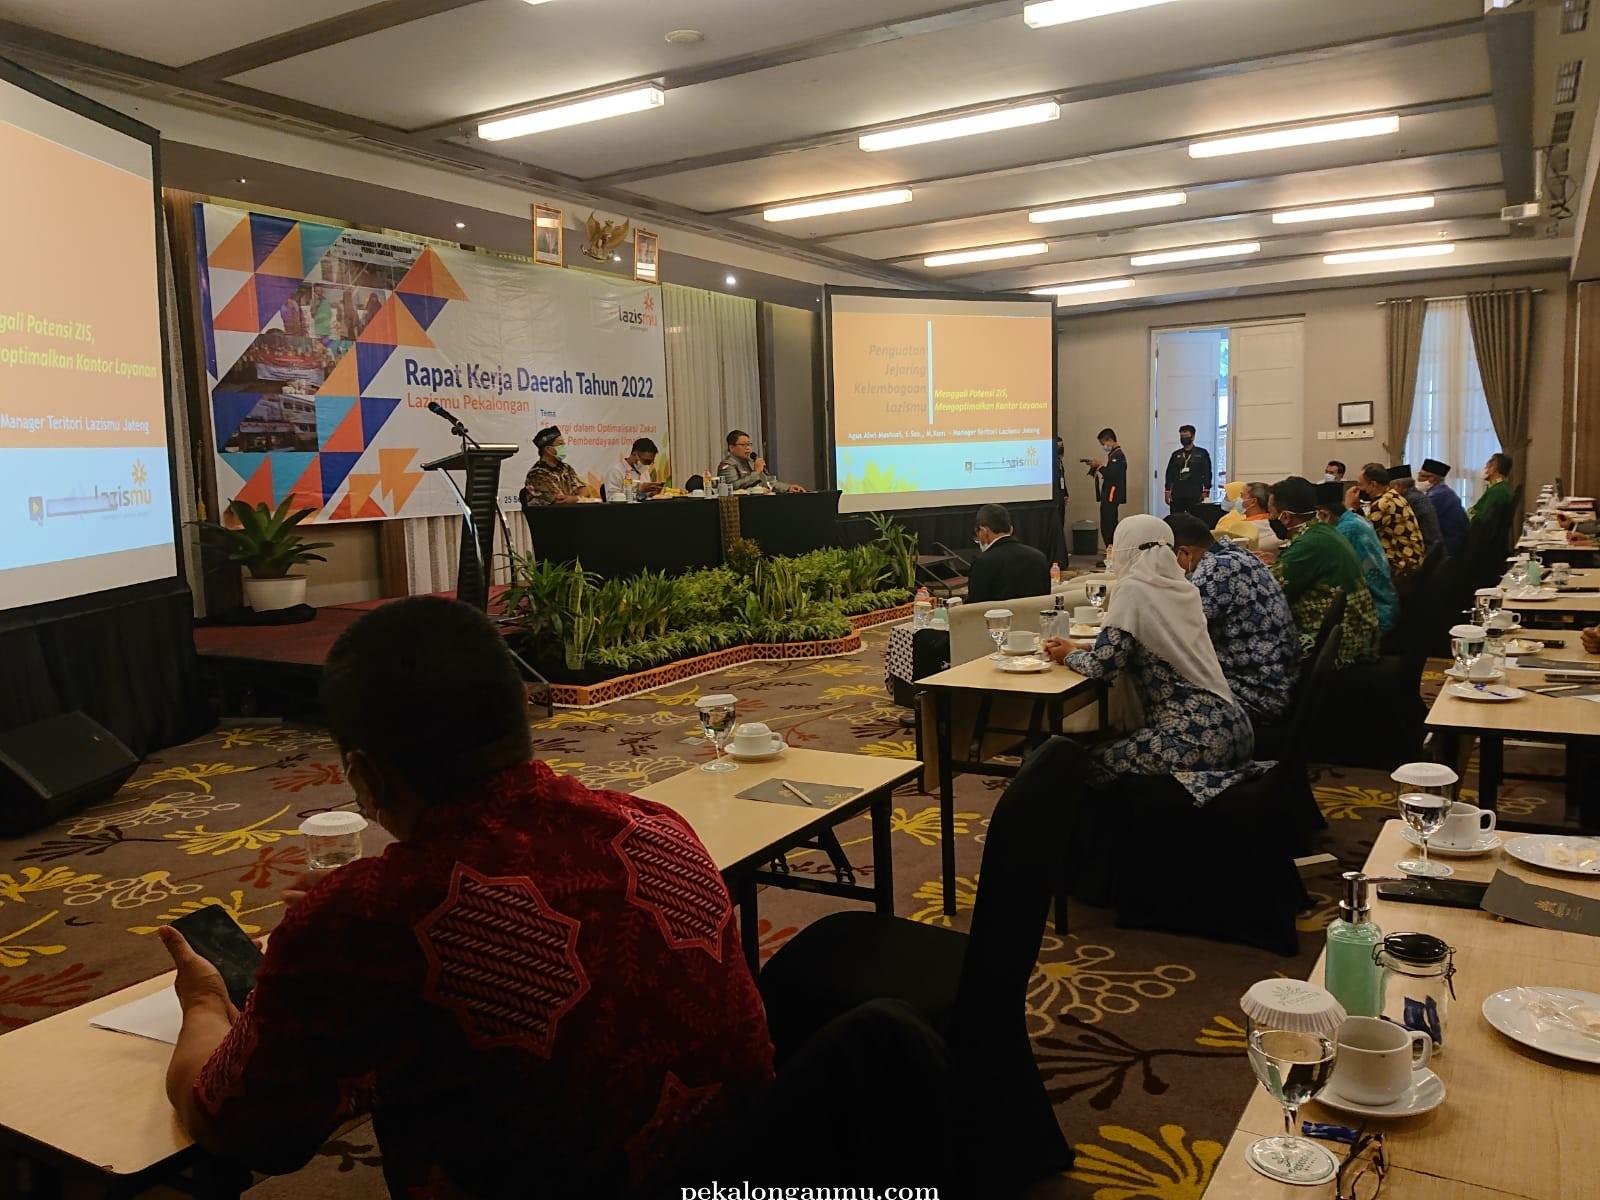 Dorong Program Pemberdayaan di Masa PPKM, Lazismu Kabupaten Pekalongan Gelar Rakerda